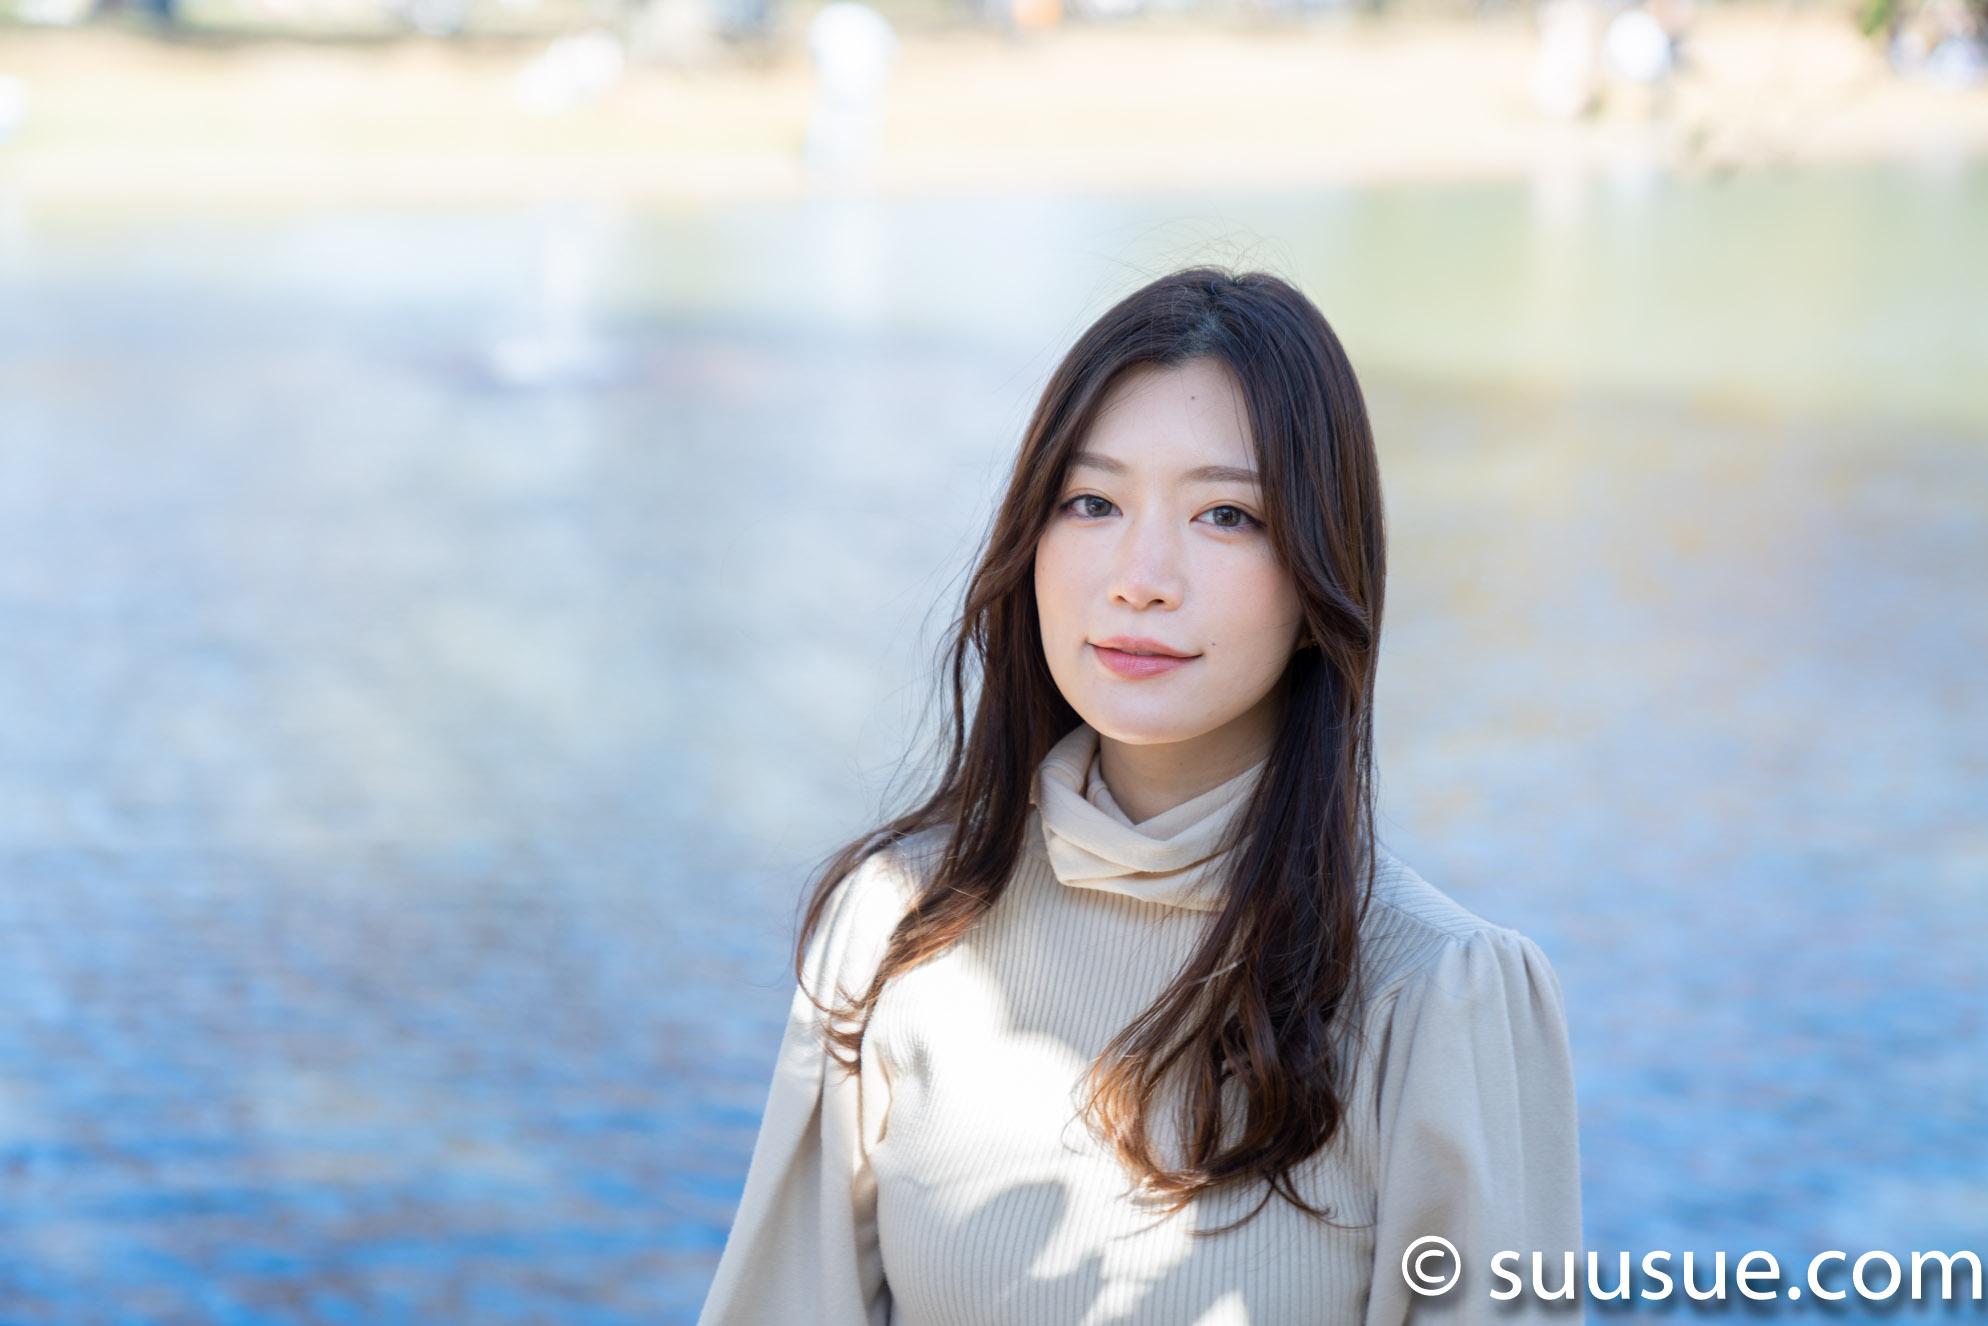 小嶋みやび 2019/12/07 NewType撮影会 代々木公園